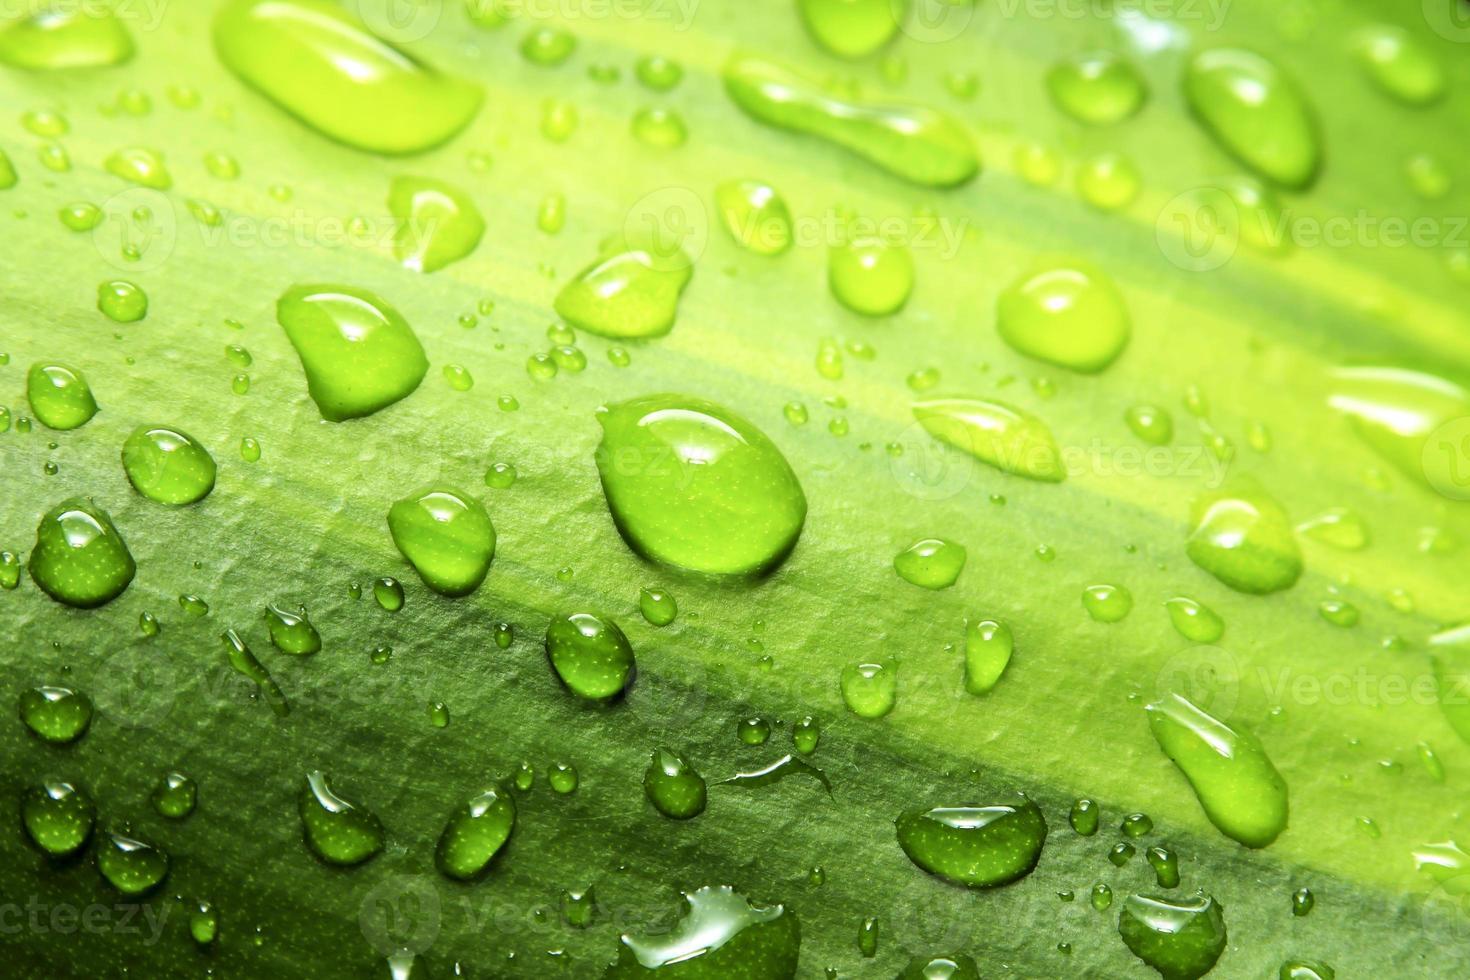 vattendroppar. foto